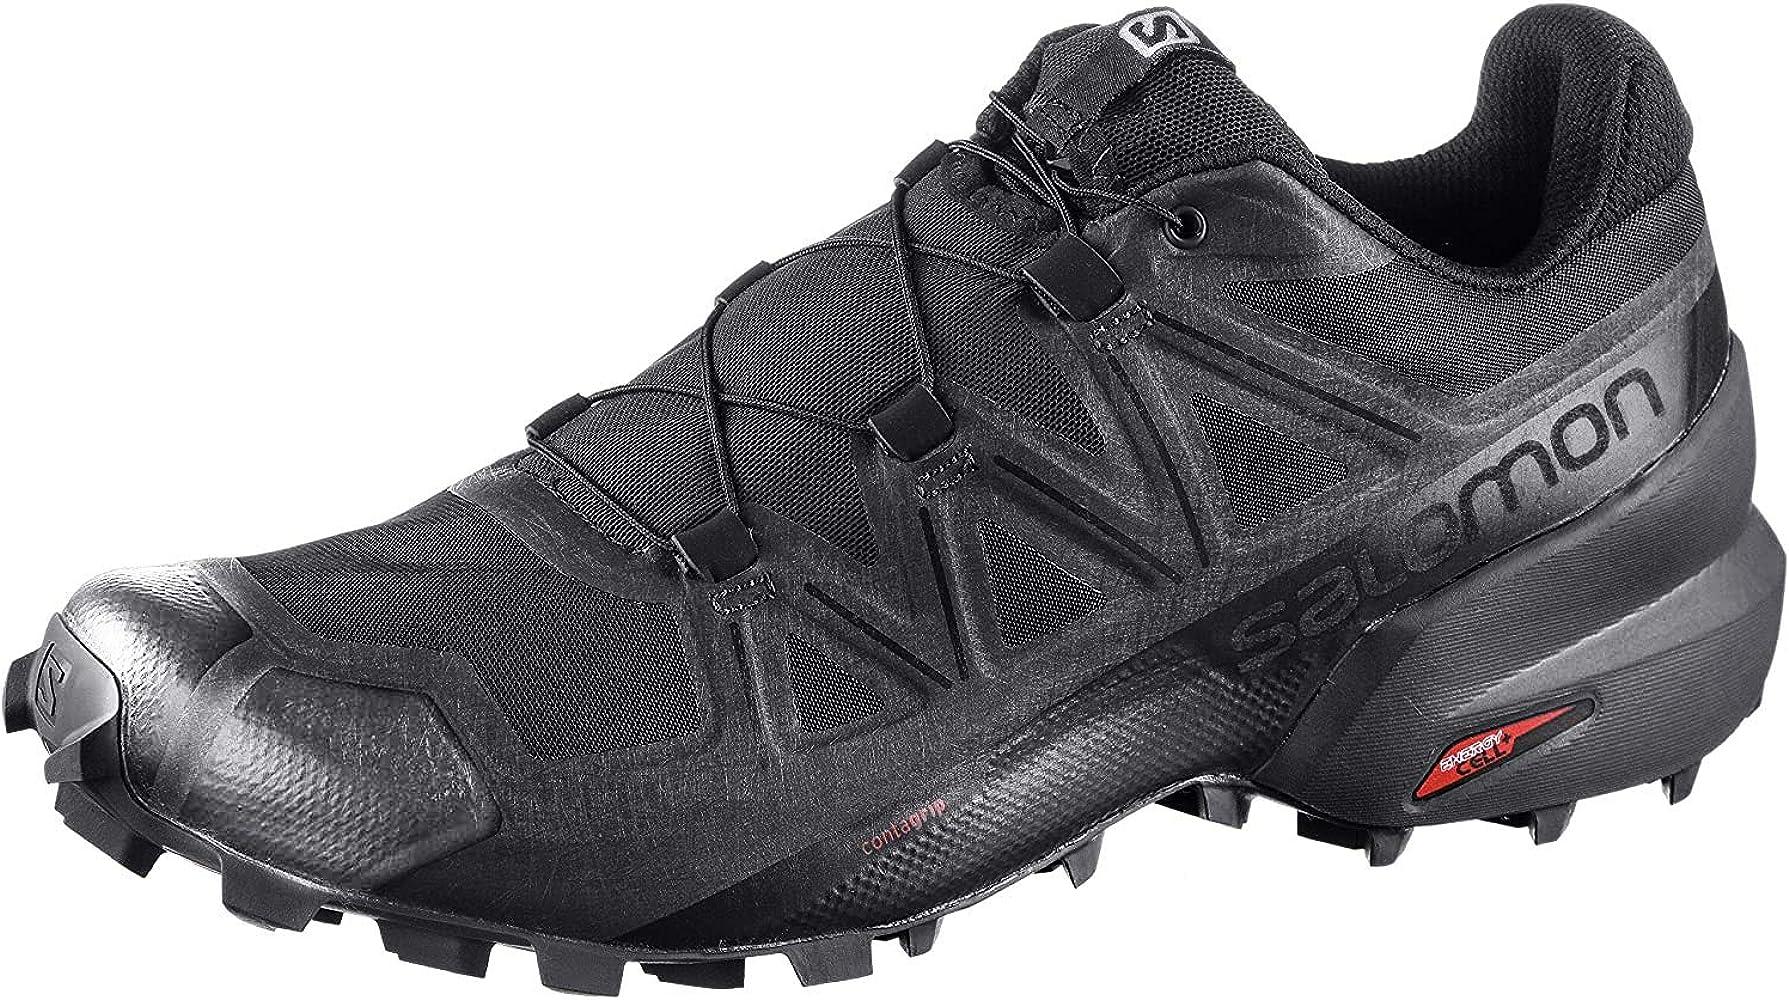 SALOMON Shoes Speedcross, Zapatillas de Running para Hombre, Negro (Black/Black/Phantom): Amazon.es: Zapatos y complementos